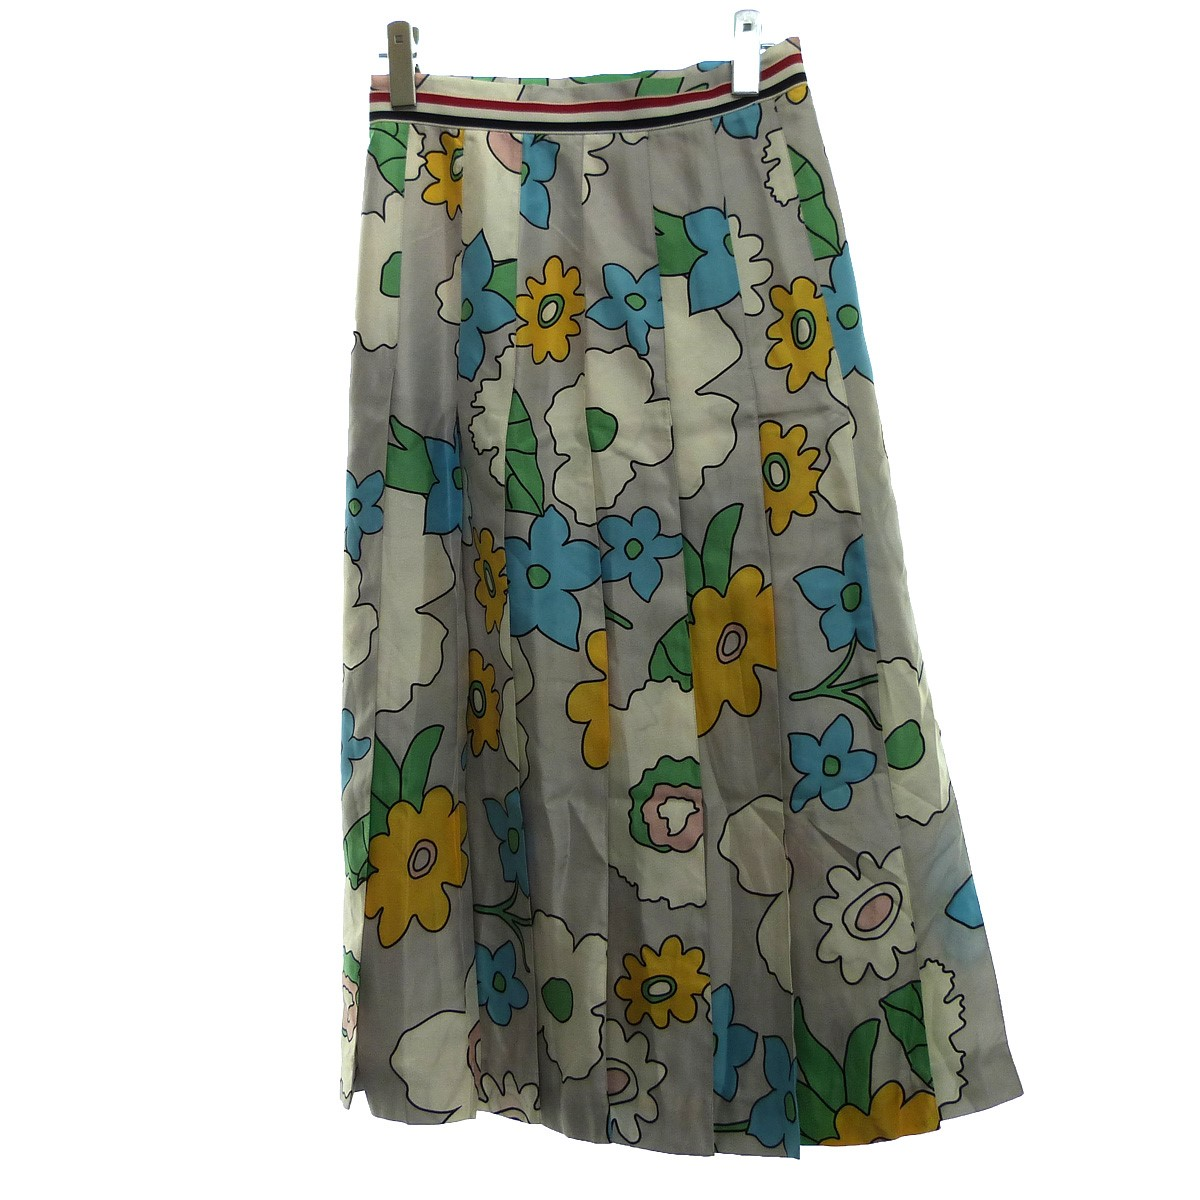 【中古】THOM BROWNE シルク総柄スカート グレー サイズ:40 【020220】(トム・ブラウン)